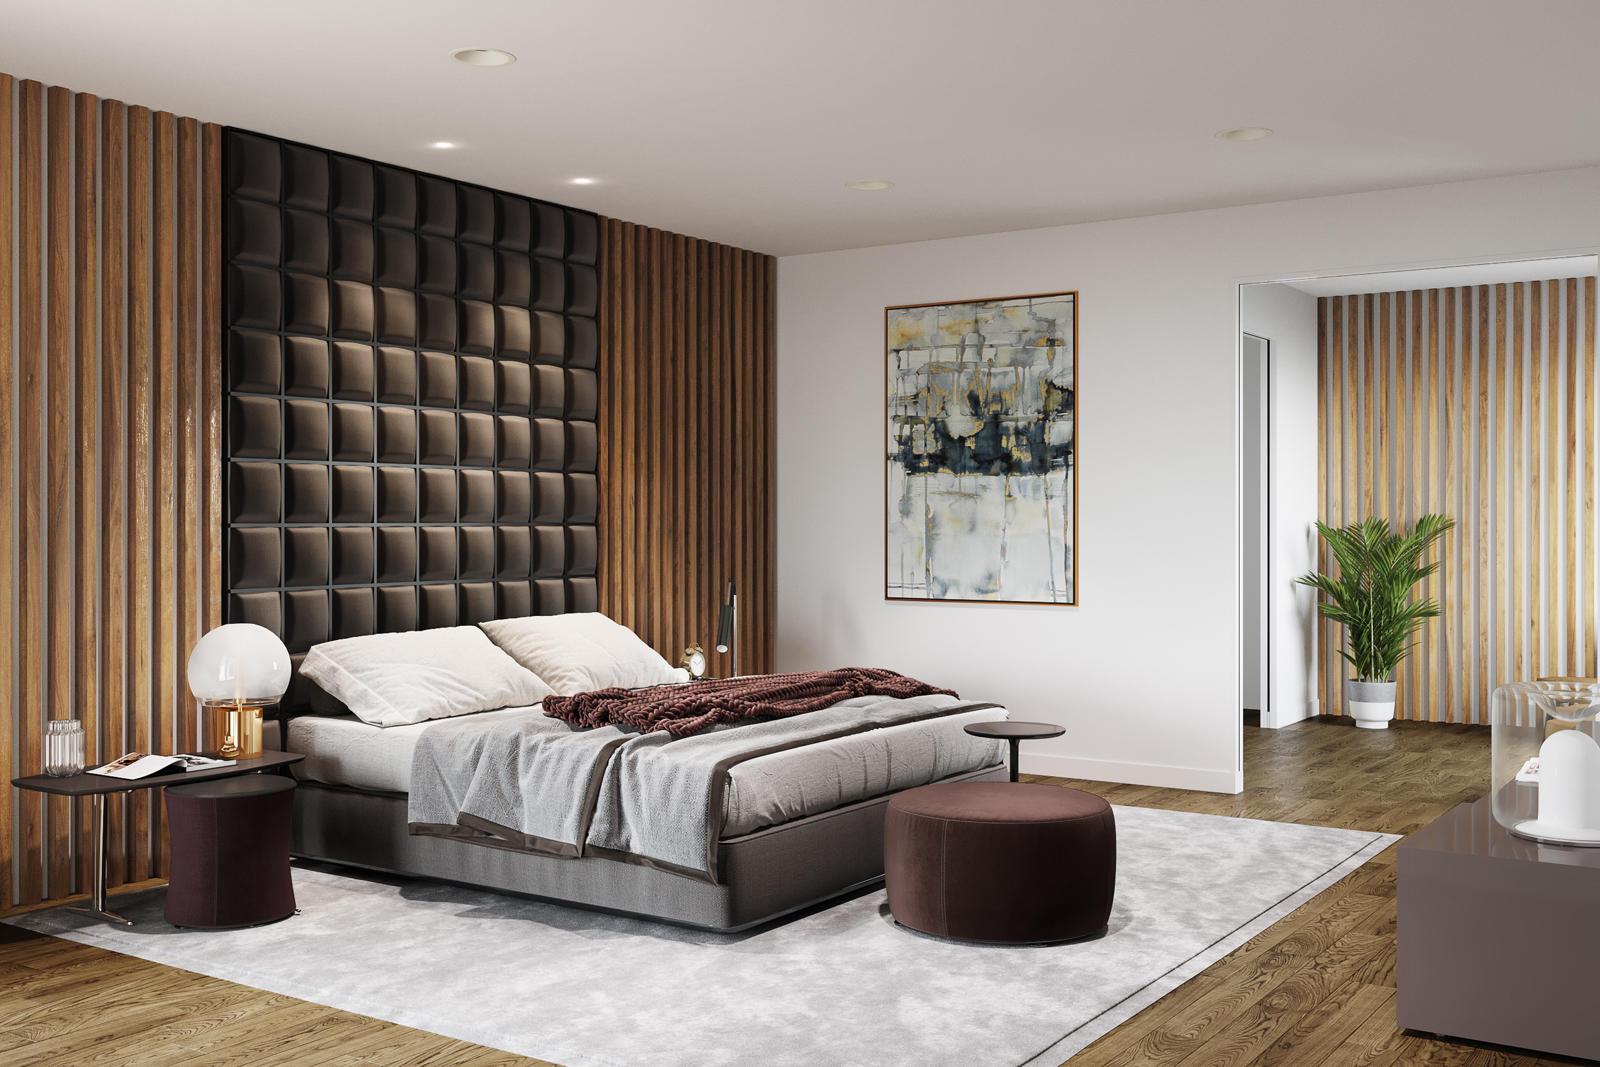 622_Westwood_-_master_bedroom_View_02